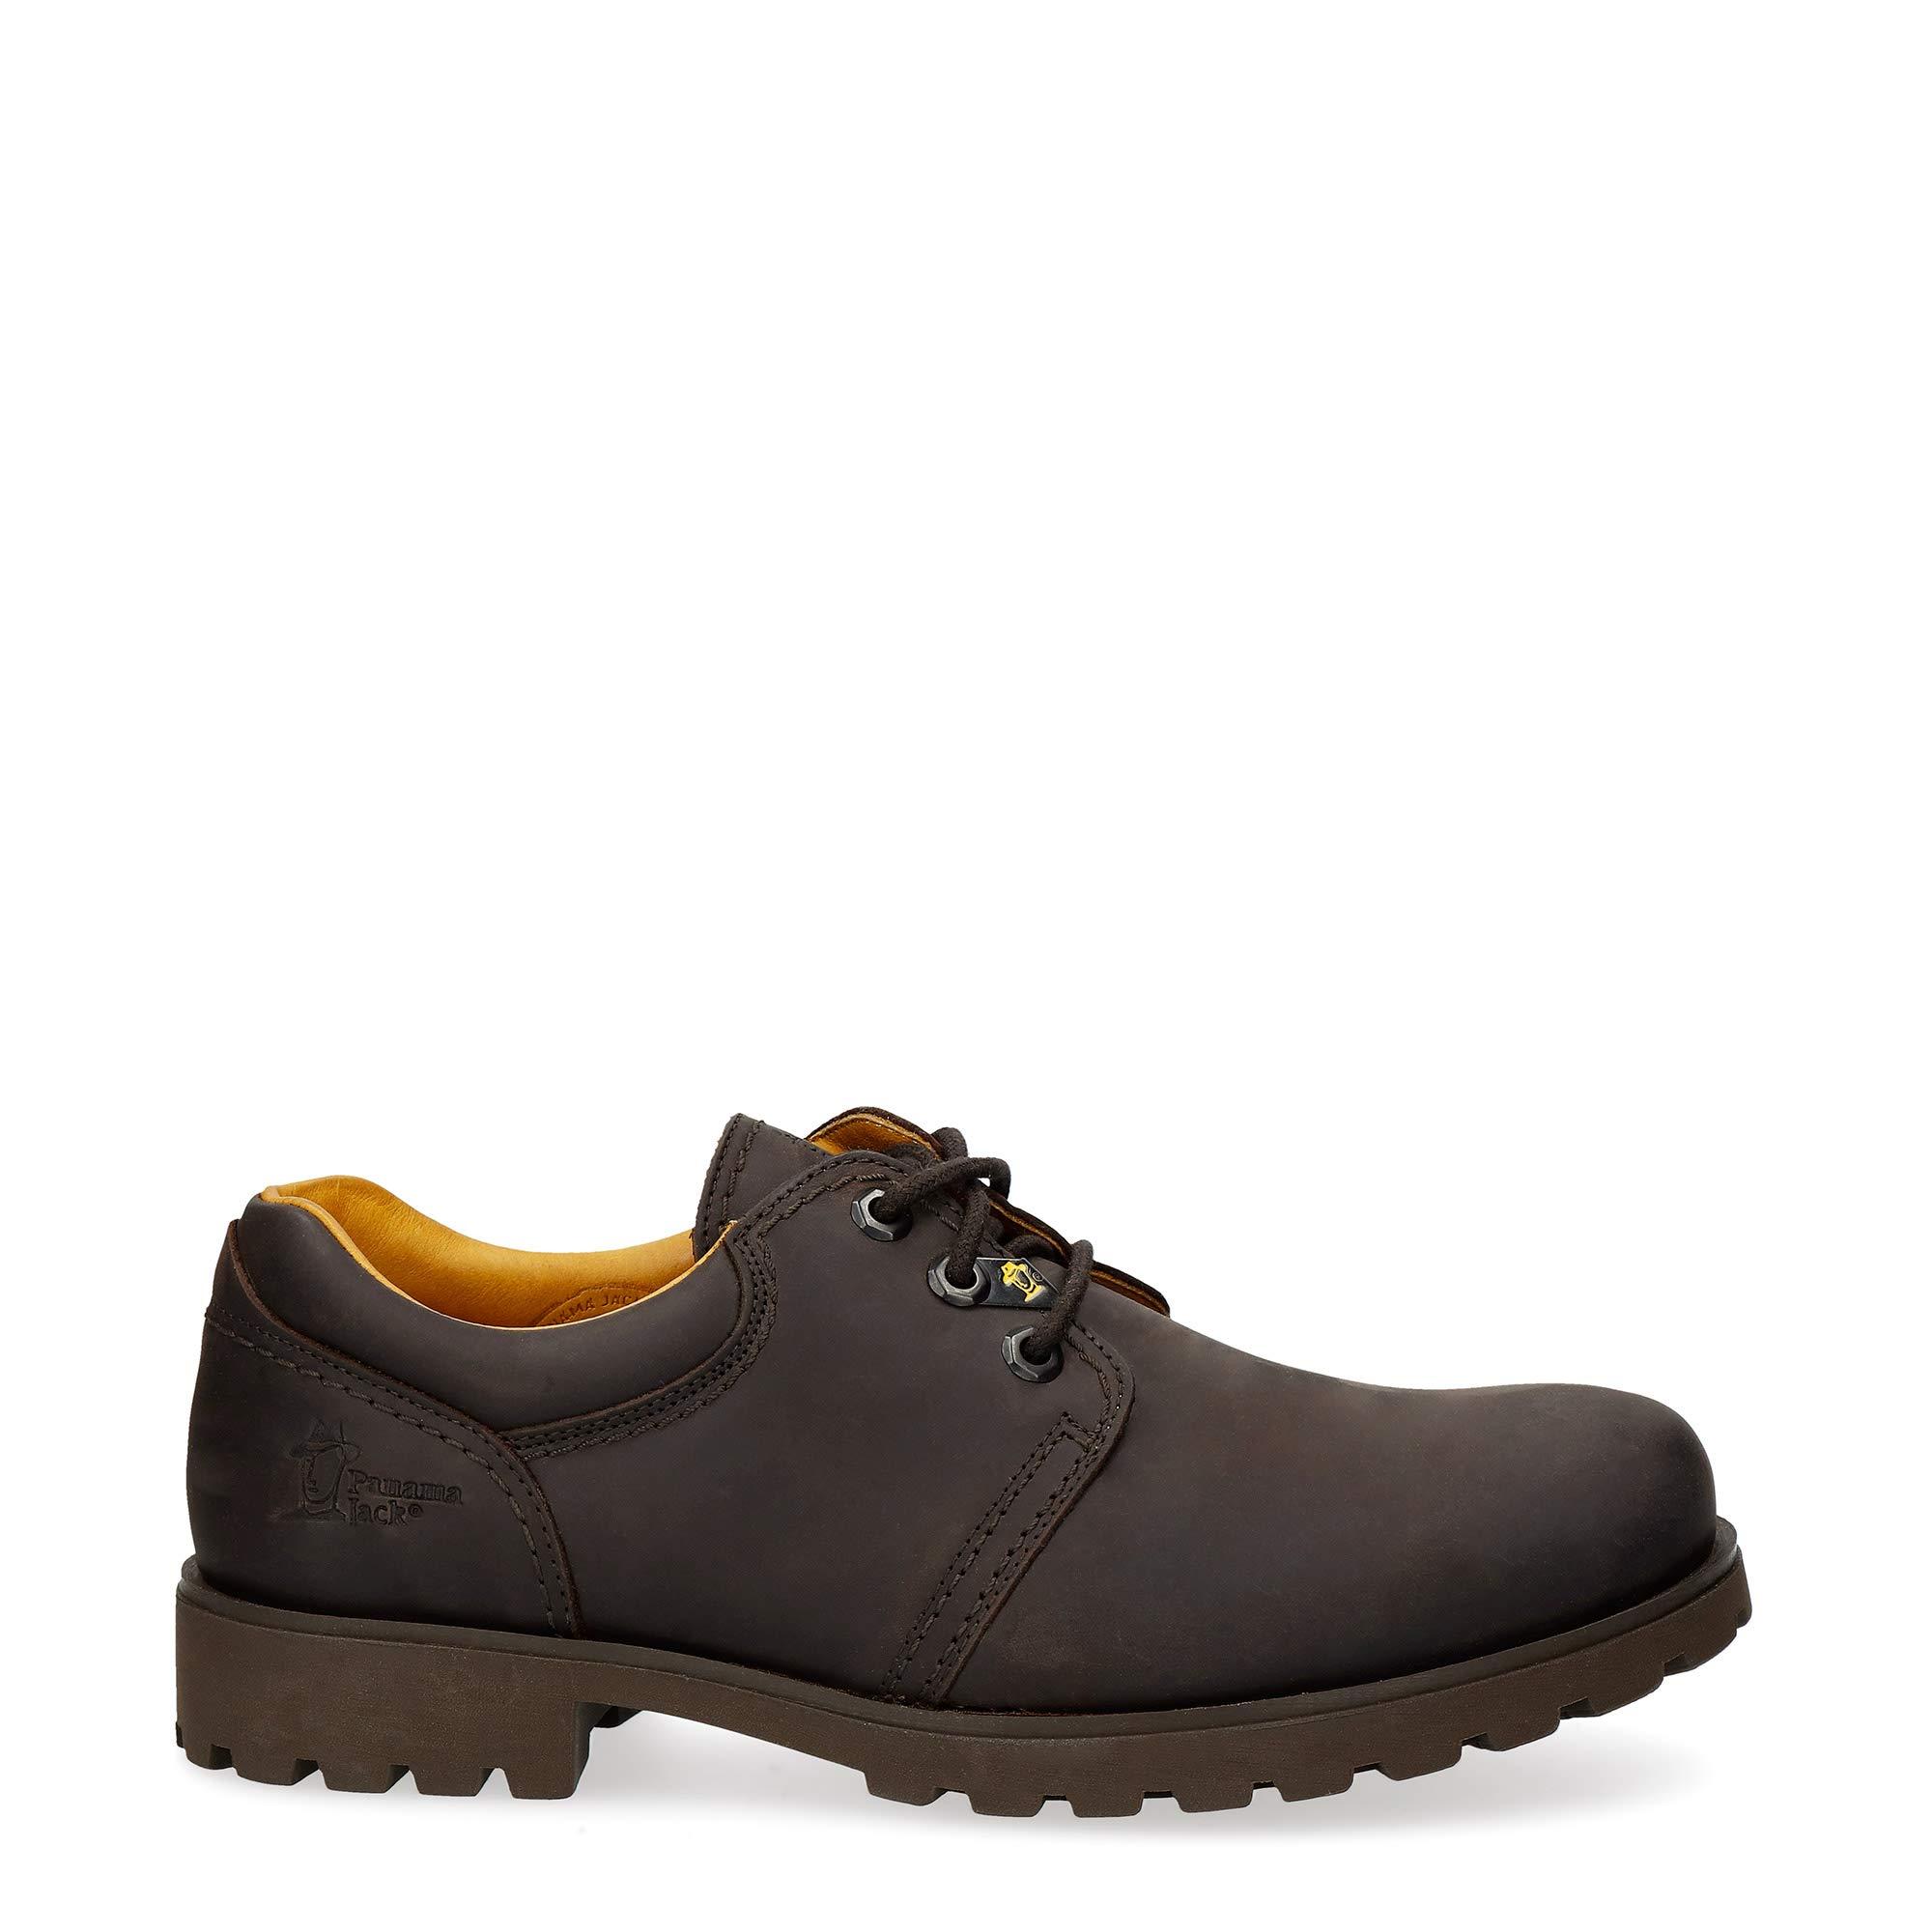 1dbf6e67b0 Am besten bewertete Produkte in der Kategorie Herren-Stiefel - Amazon.de